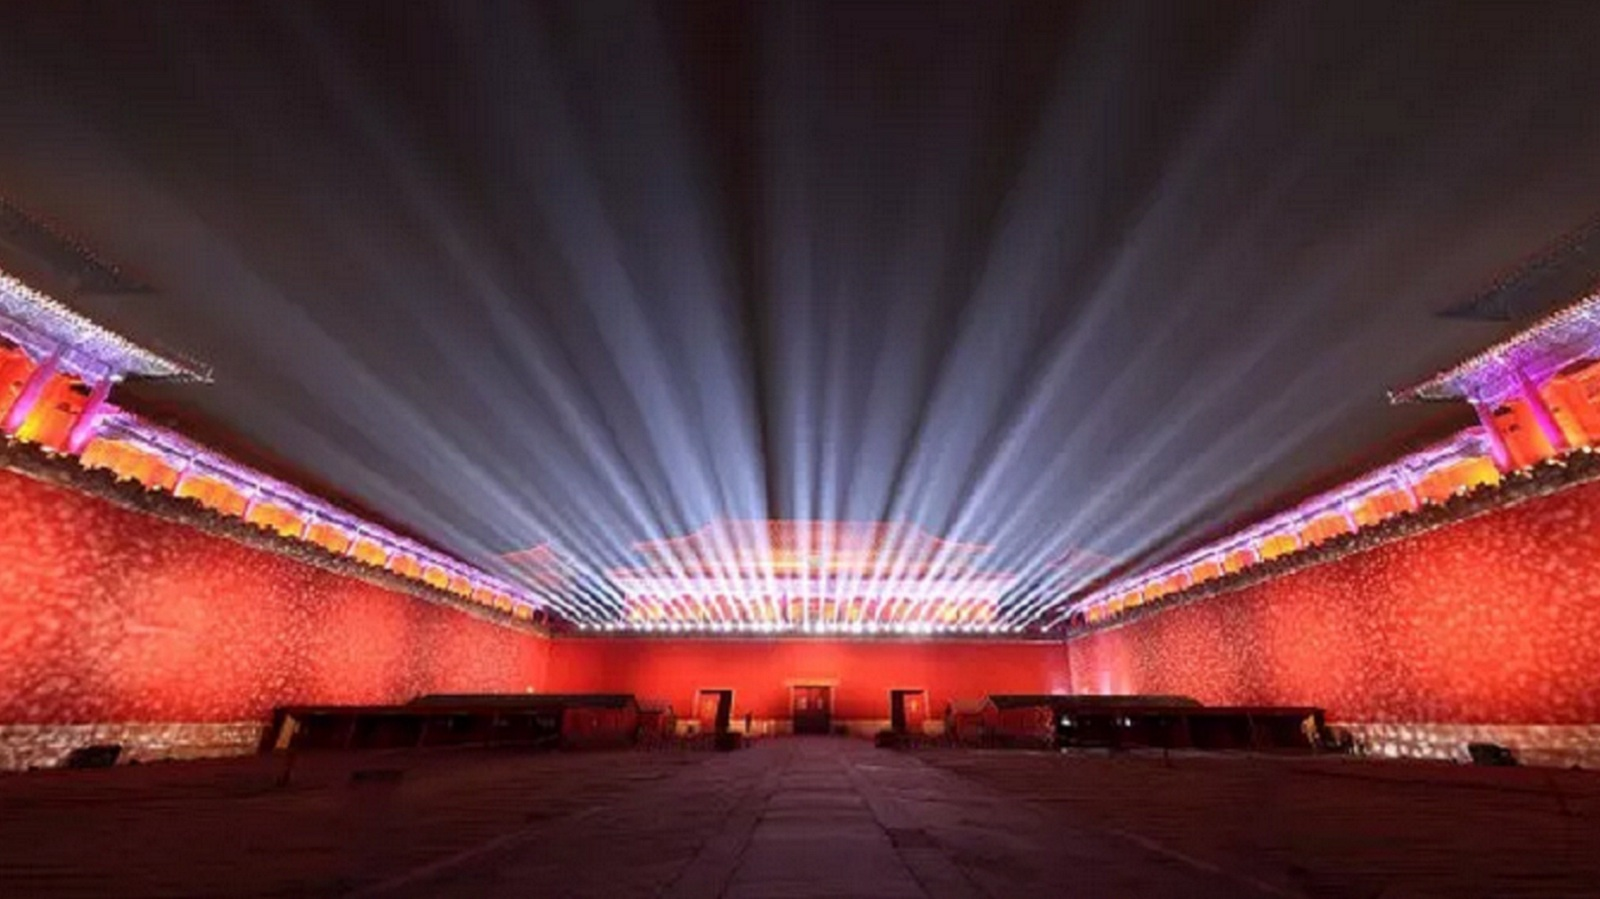 74秒丨华灯点亮,夜晚的故宫变成了这样...